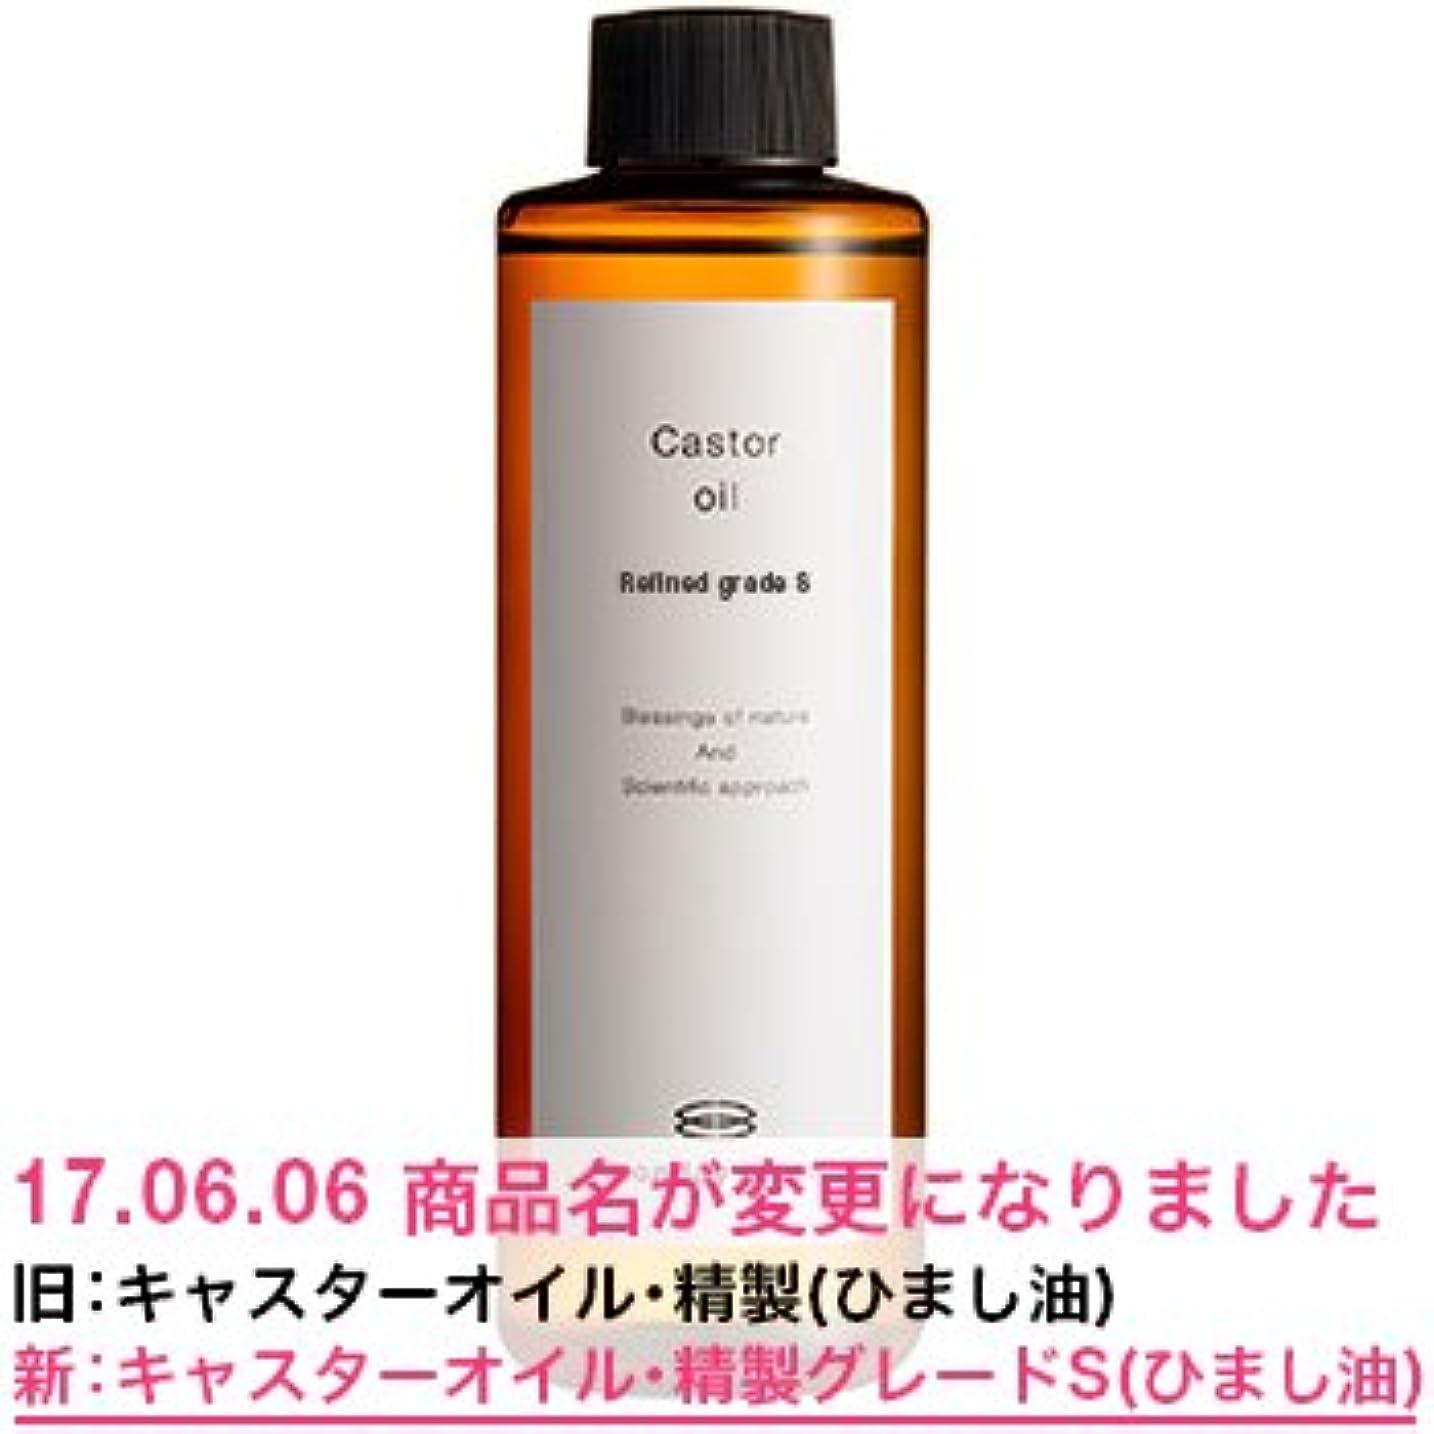 変化無知使用法キャスターオイル?精製グレードS(ひまし油)/200ml